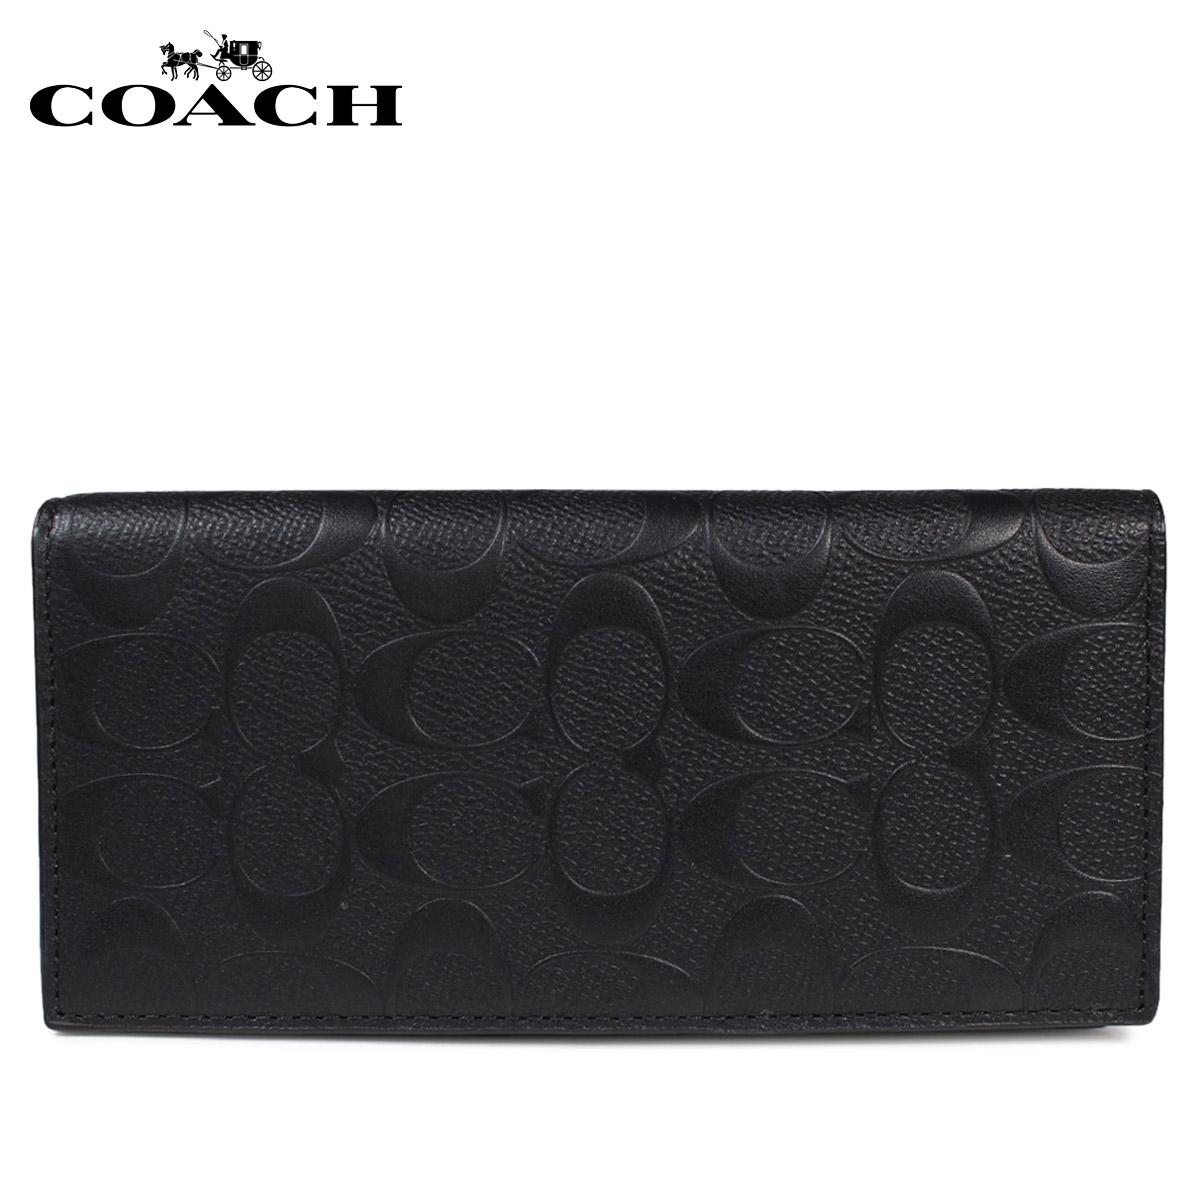 COACH コーチ メンズ 長財布 財布 F75365 ブラック